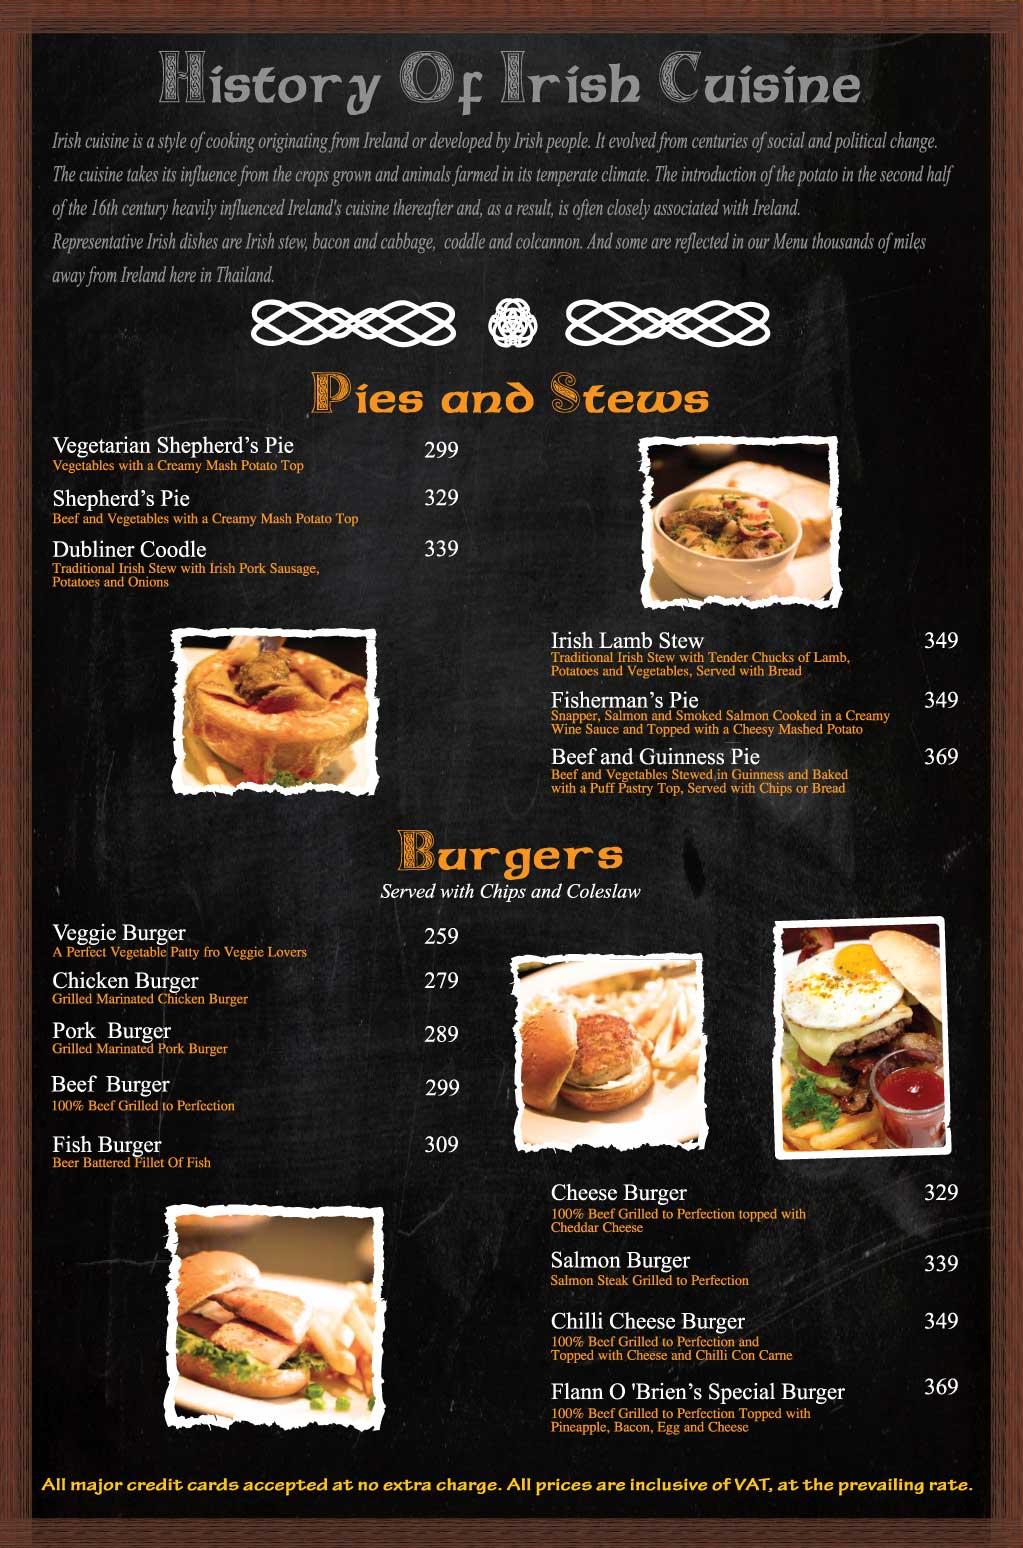 Flann Thong Lor Food Menu Pies Stews Burgers